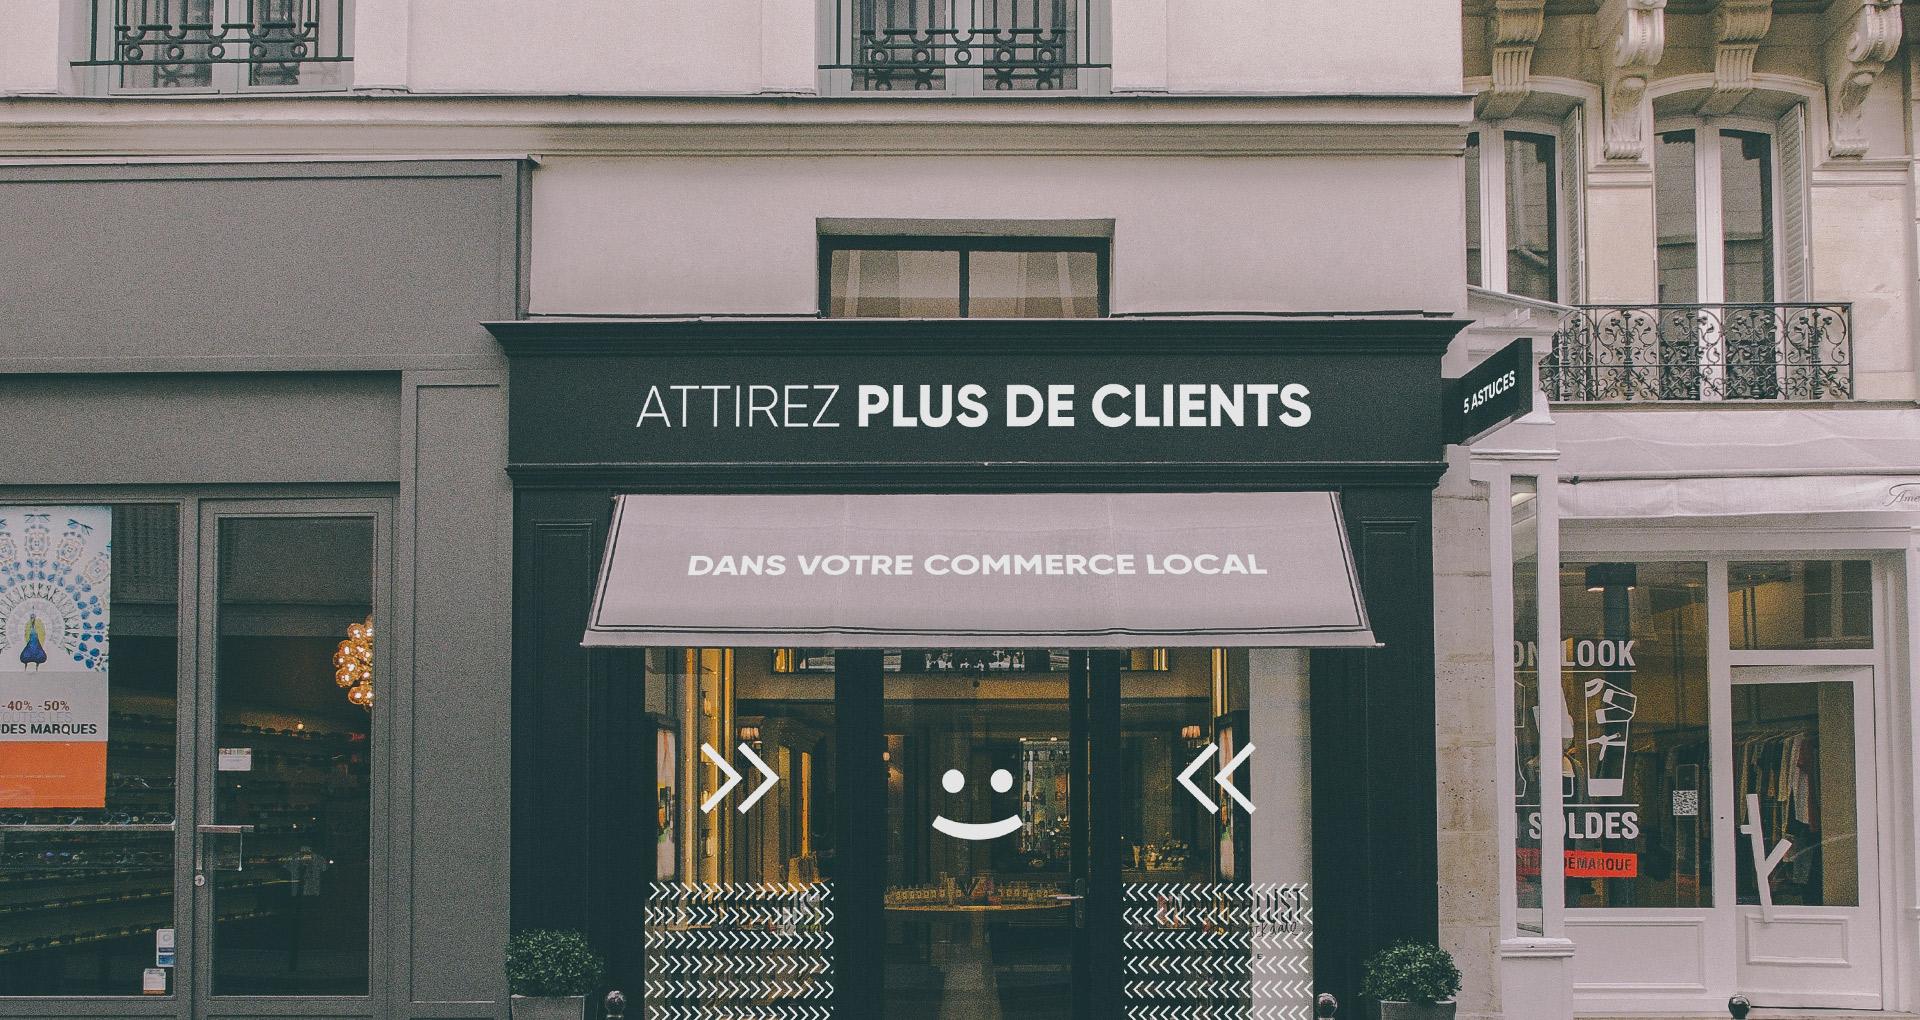 5 astuces pour attirer plus de clients dans votre commerce local